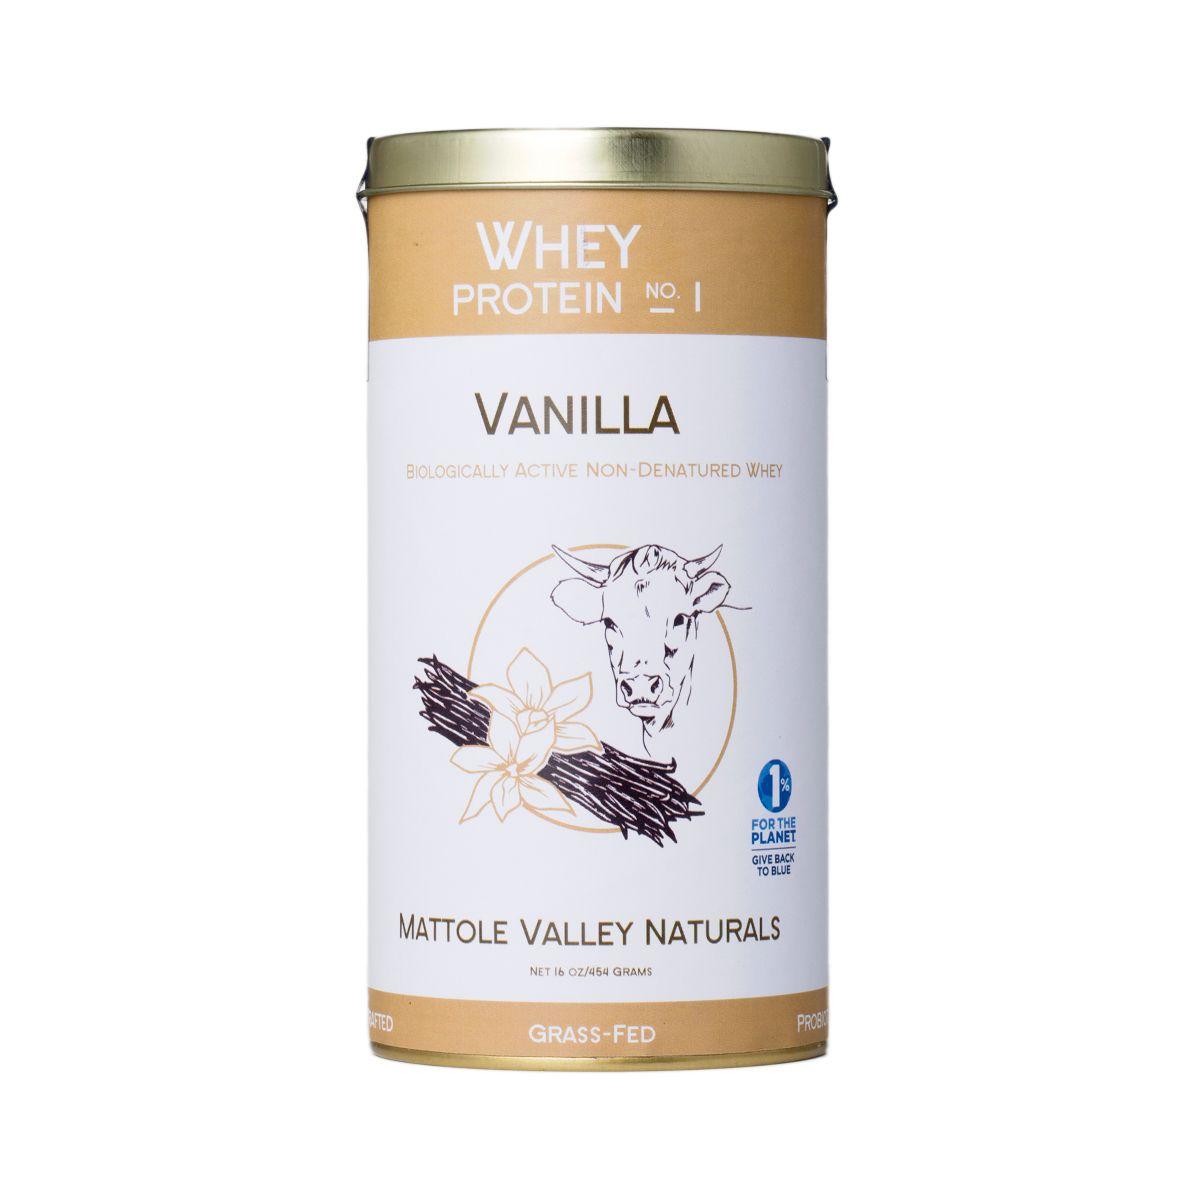 Mattole Valley Naturals Vanilla Whey Protein Powder No.1 16 Oz Container